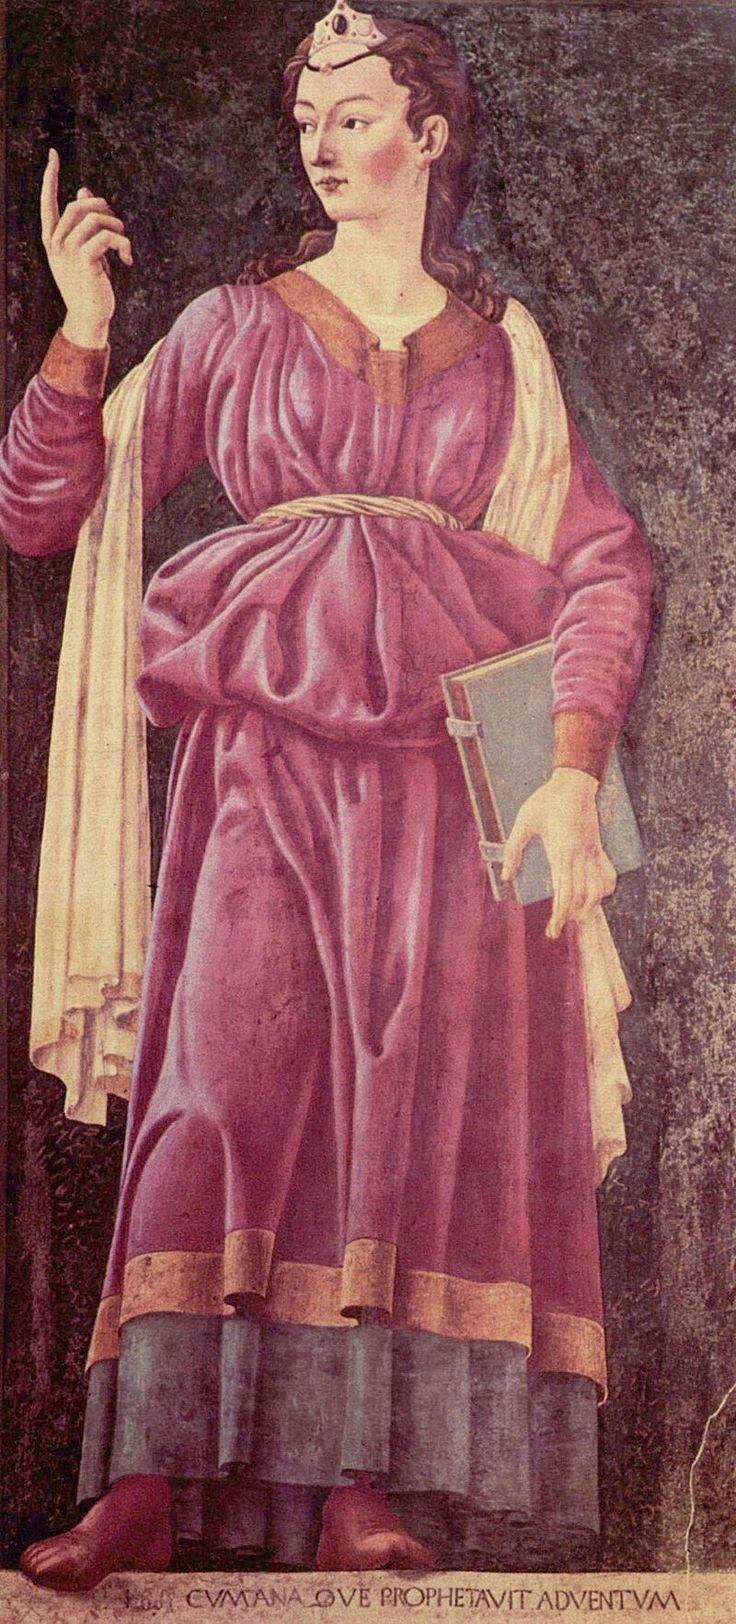 Cumaean Sibyl by Andrea del Castagno. Castagno schilde 9 beroemde personen in fresco's in een villa buiten Florence in 1450, de modellen hiervoor waren onder meer beelden van Donatello